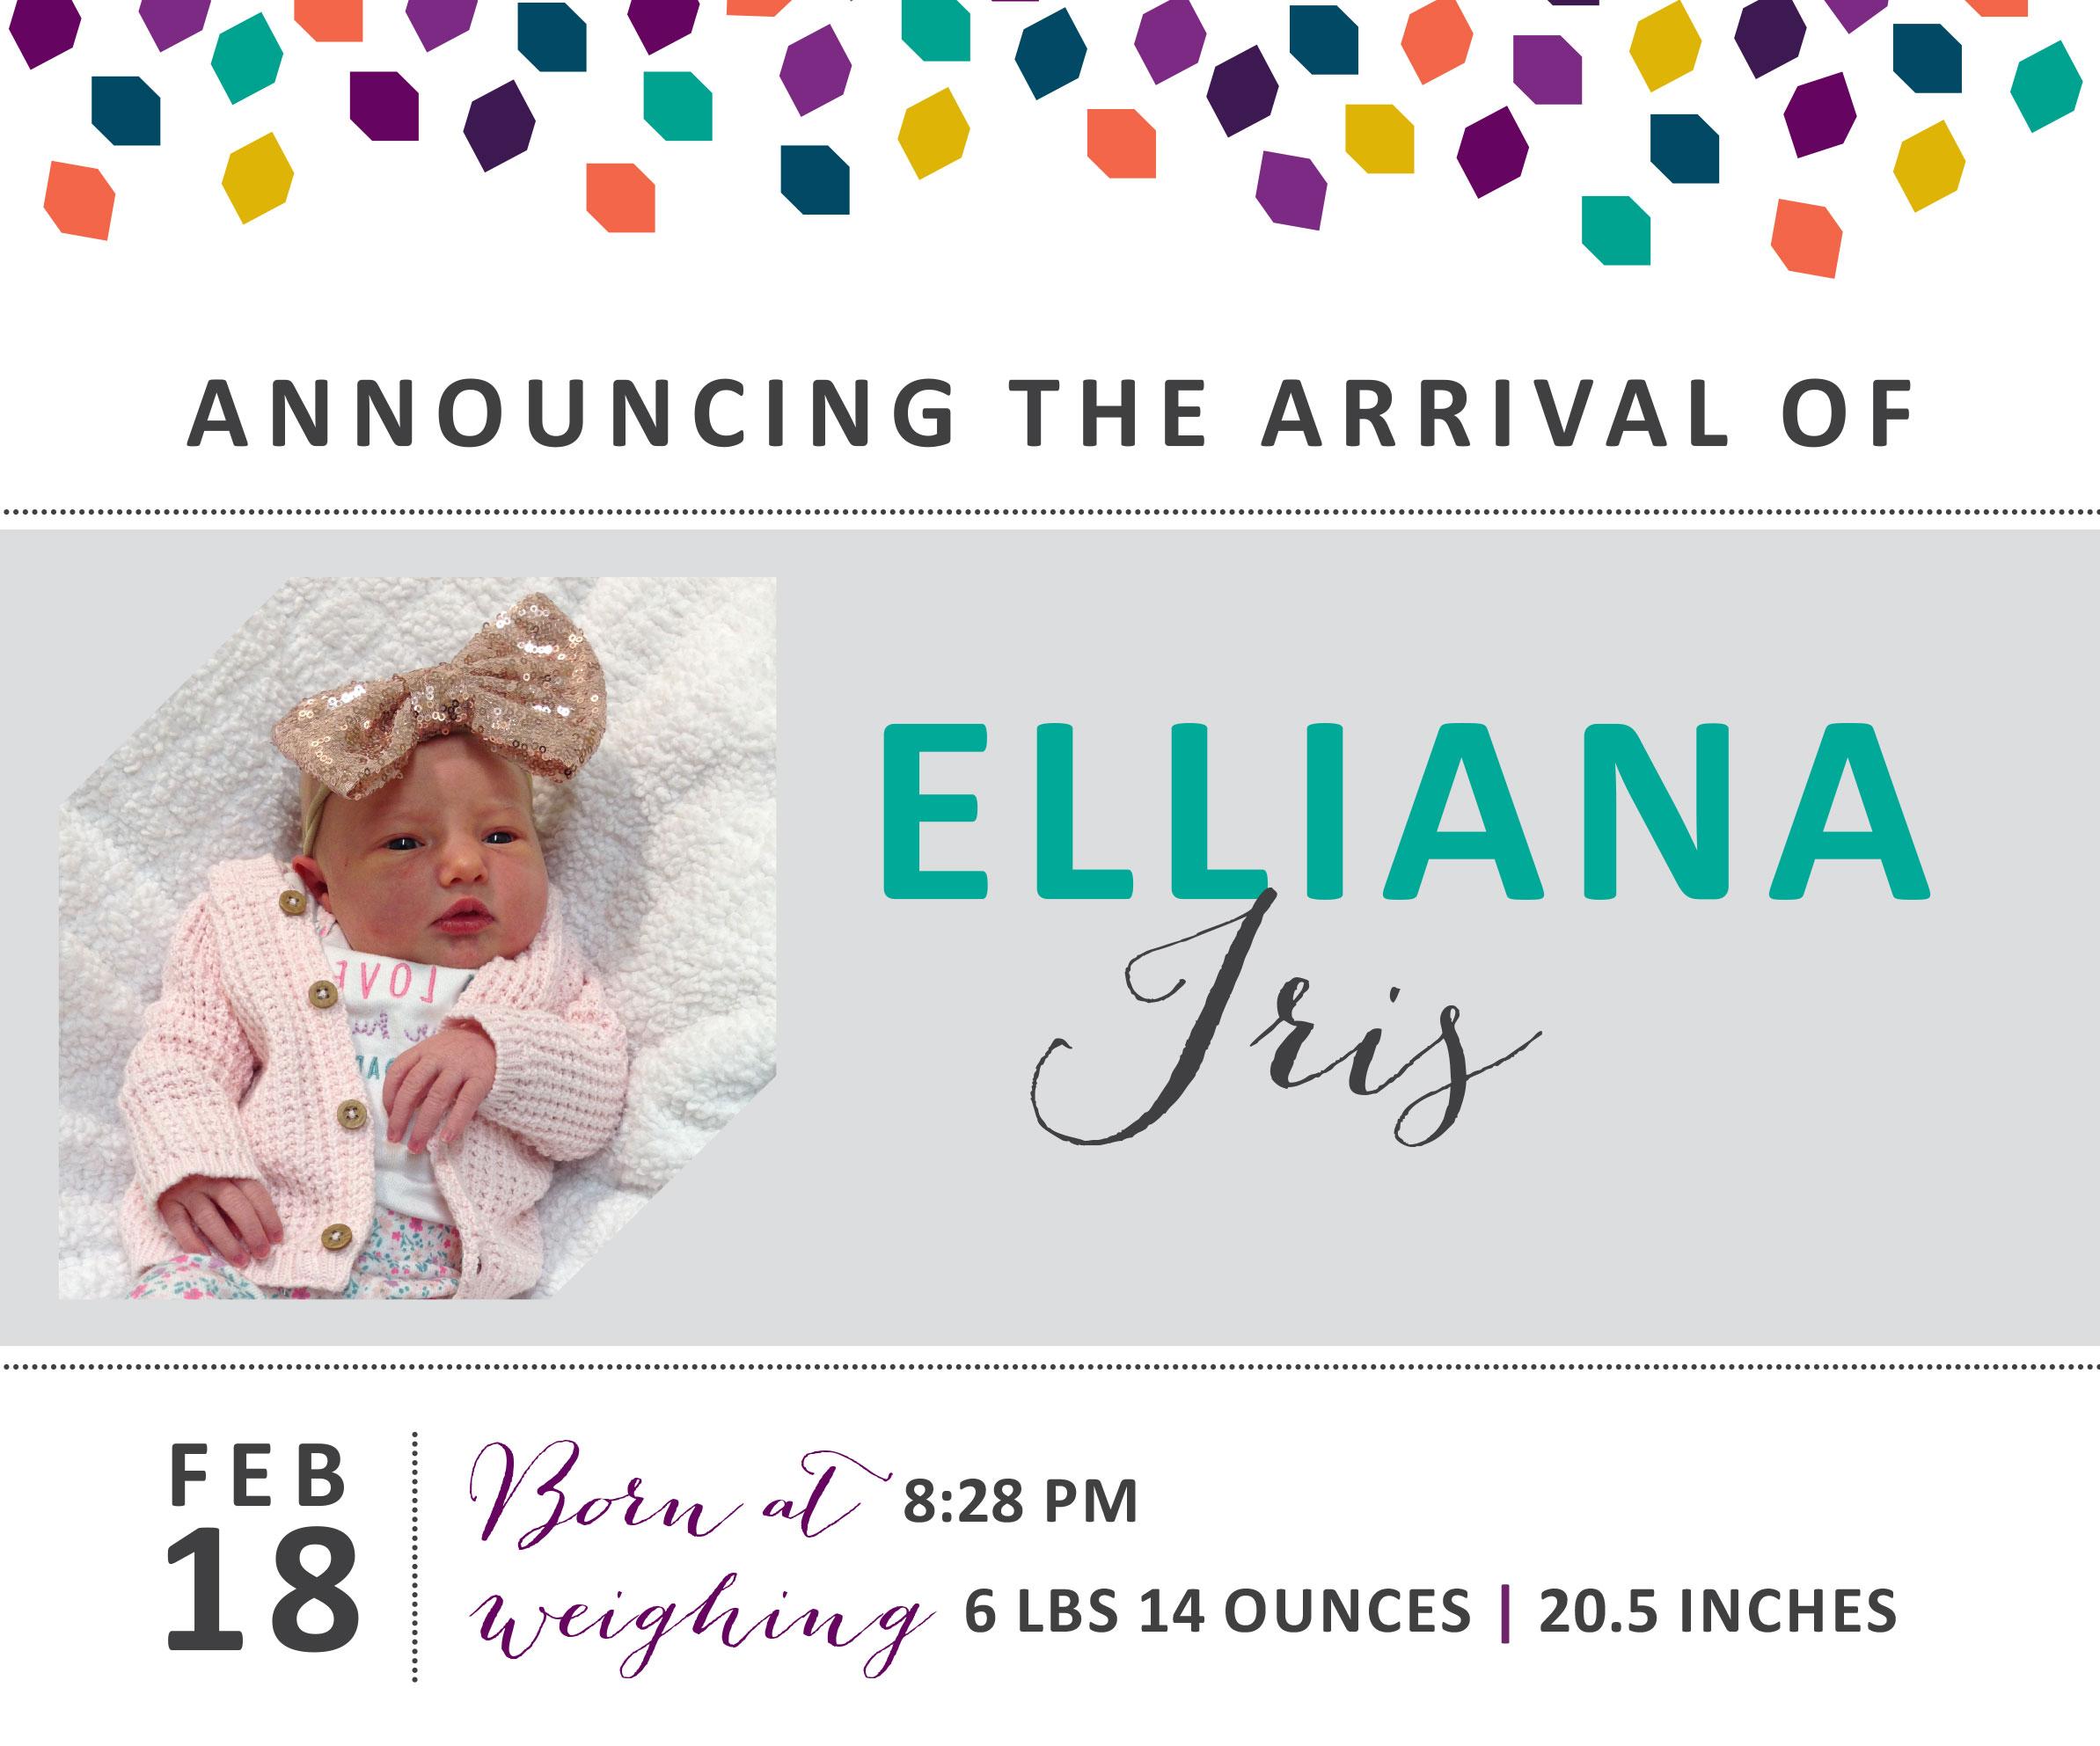 Elliana Iris 3